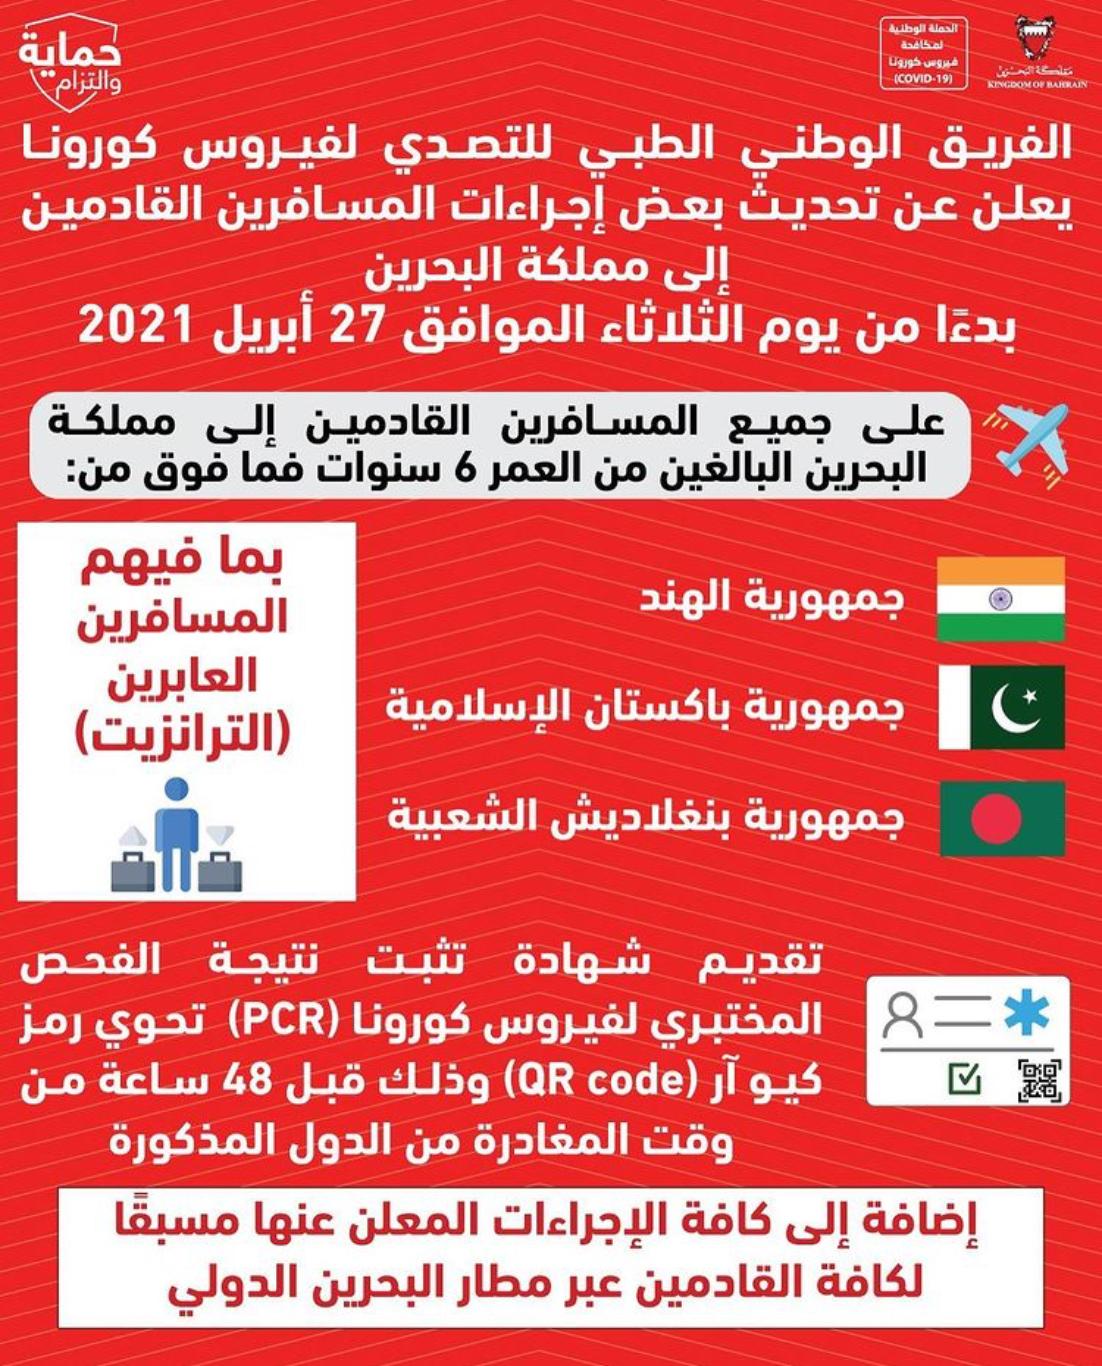 الفريق الوطني الطبي للتصدي لفيروس كورونا يعلن عن تحديث بعض إجراءات المسافرين القادمين إلى مملكة البحرين